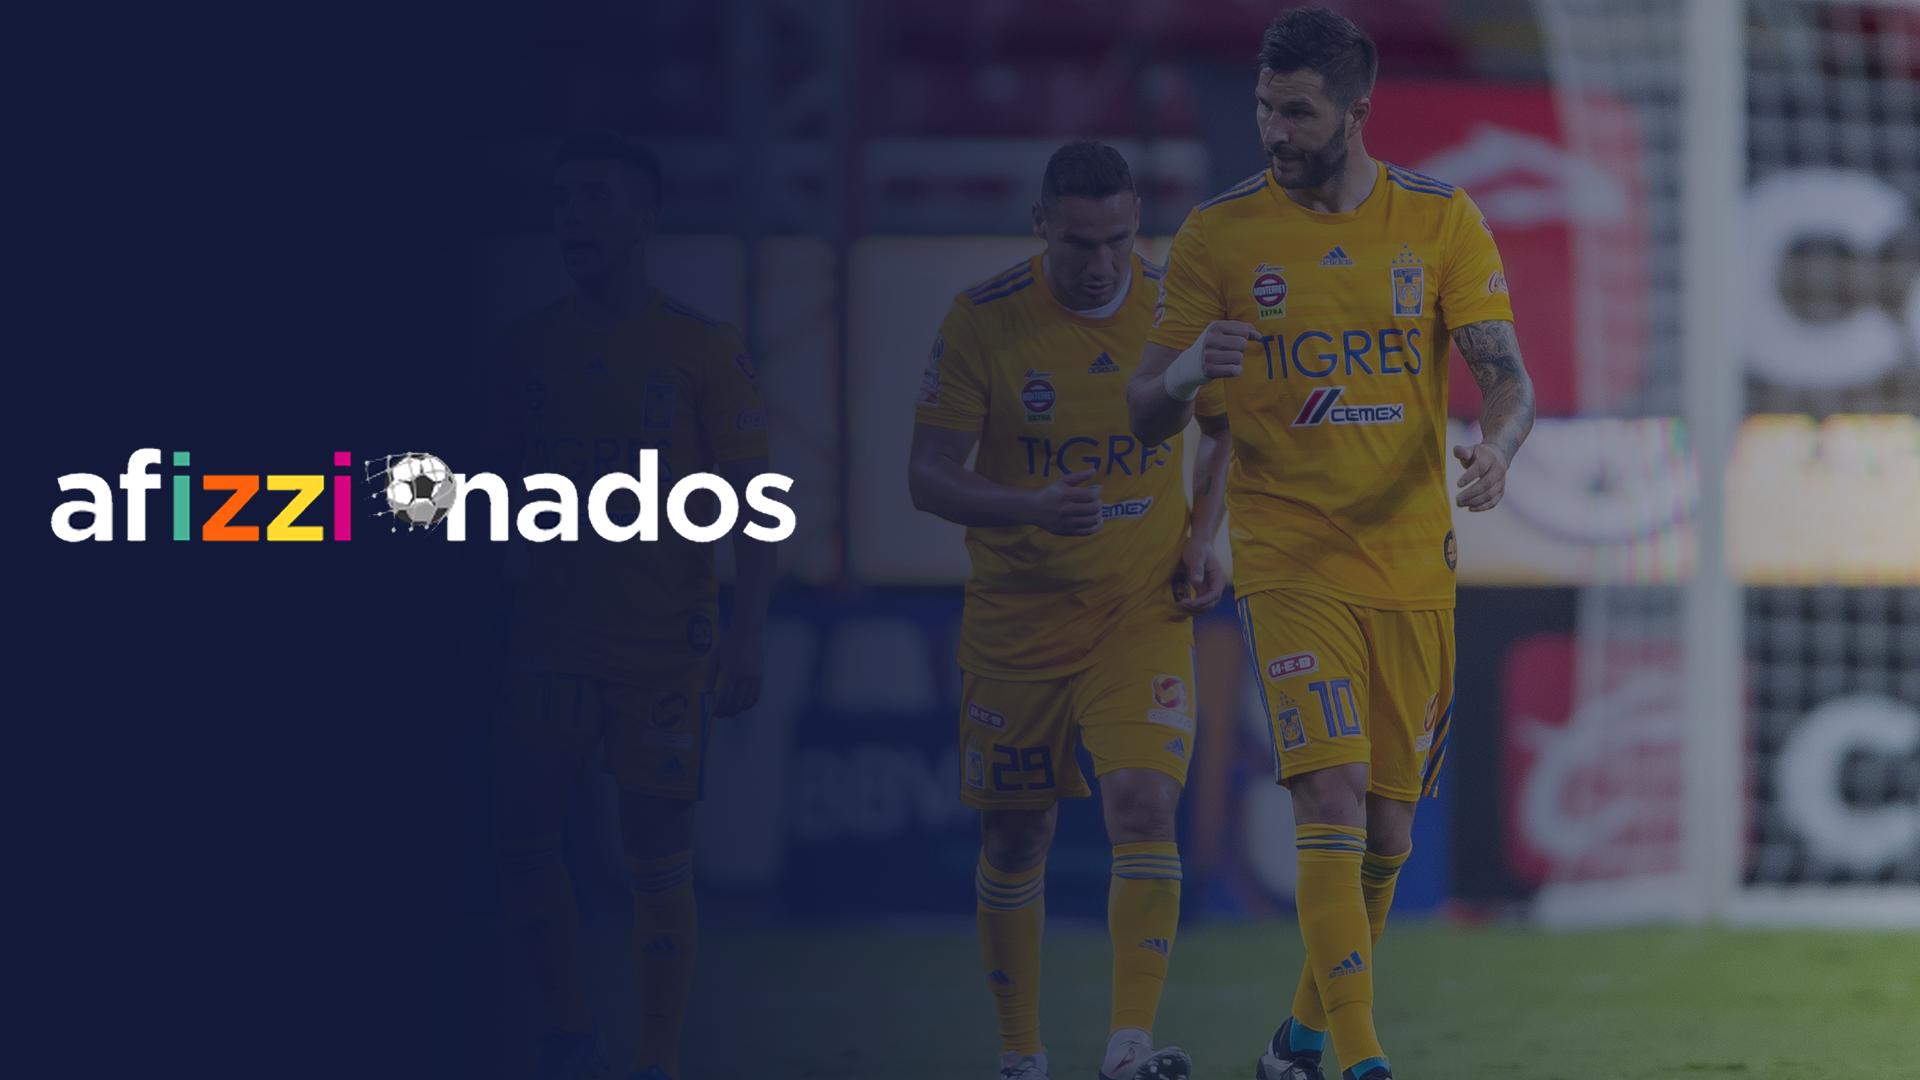 Liga MX: Partidos de Tigres que serán transmitidos en exclusiva por Afizzionados